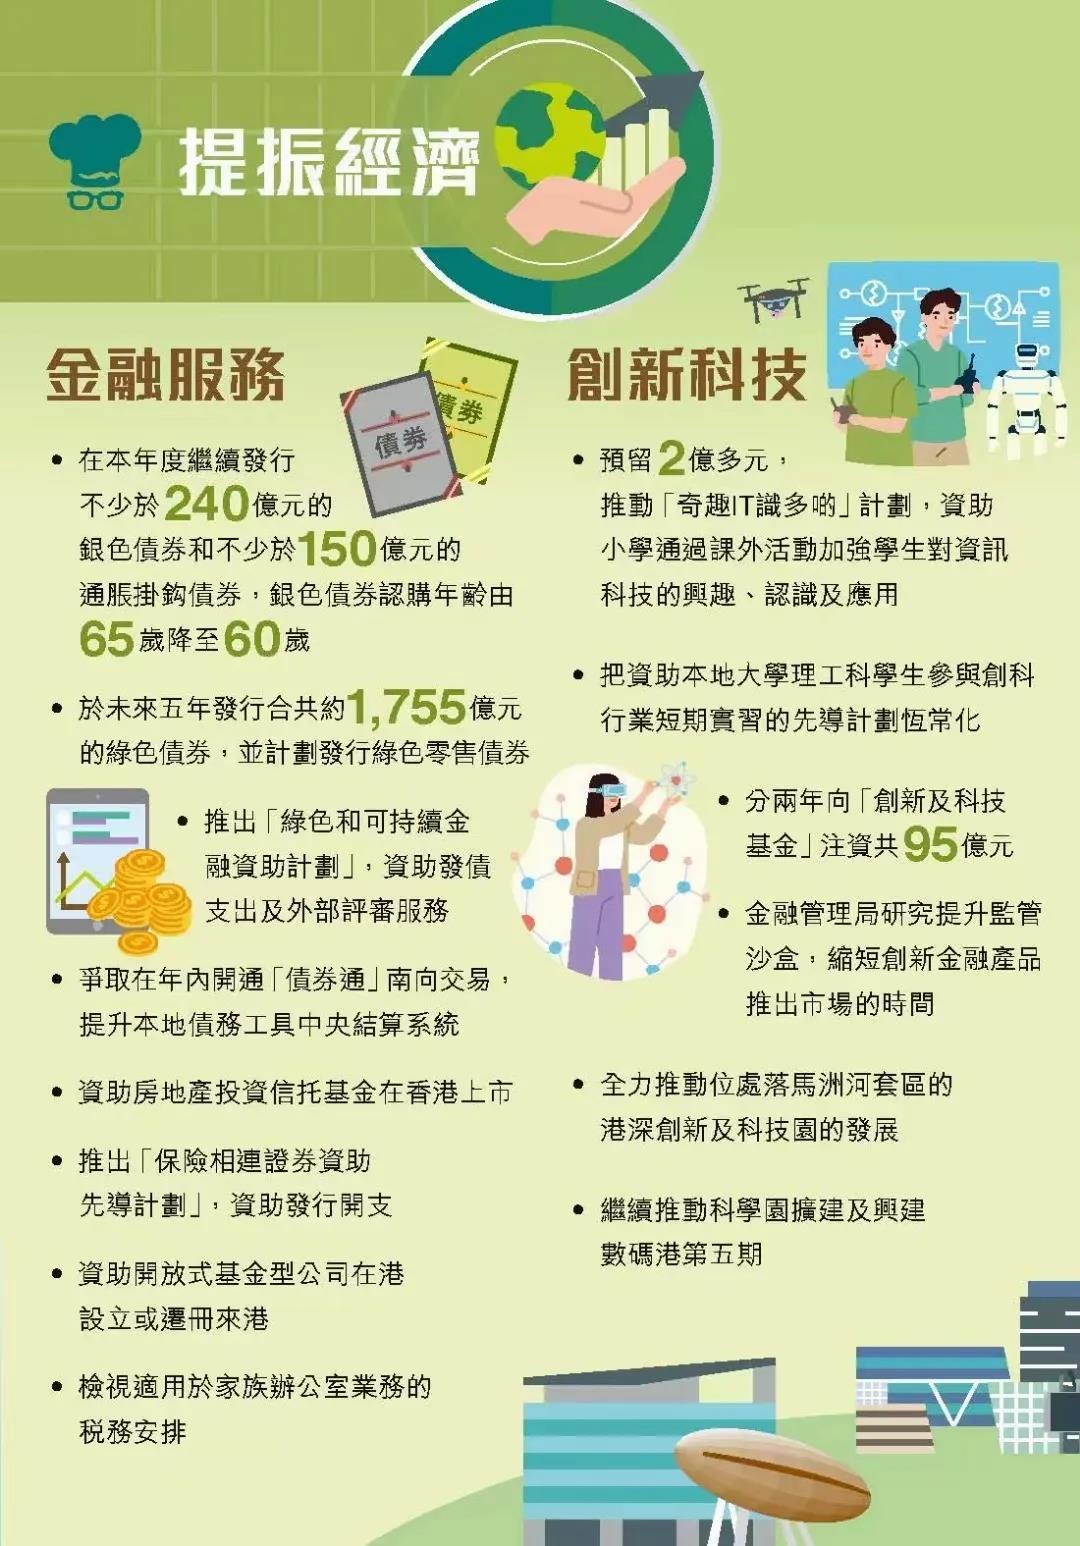 香港财政预算案公布:港人分发5000元消费券,宽减100%薪俸税